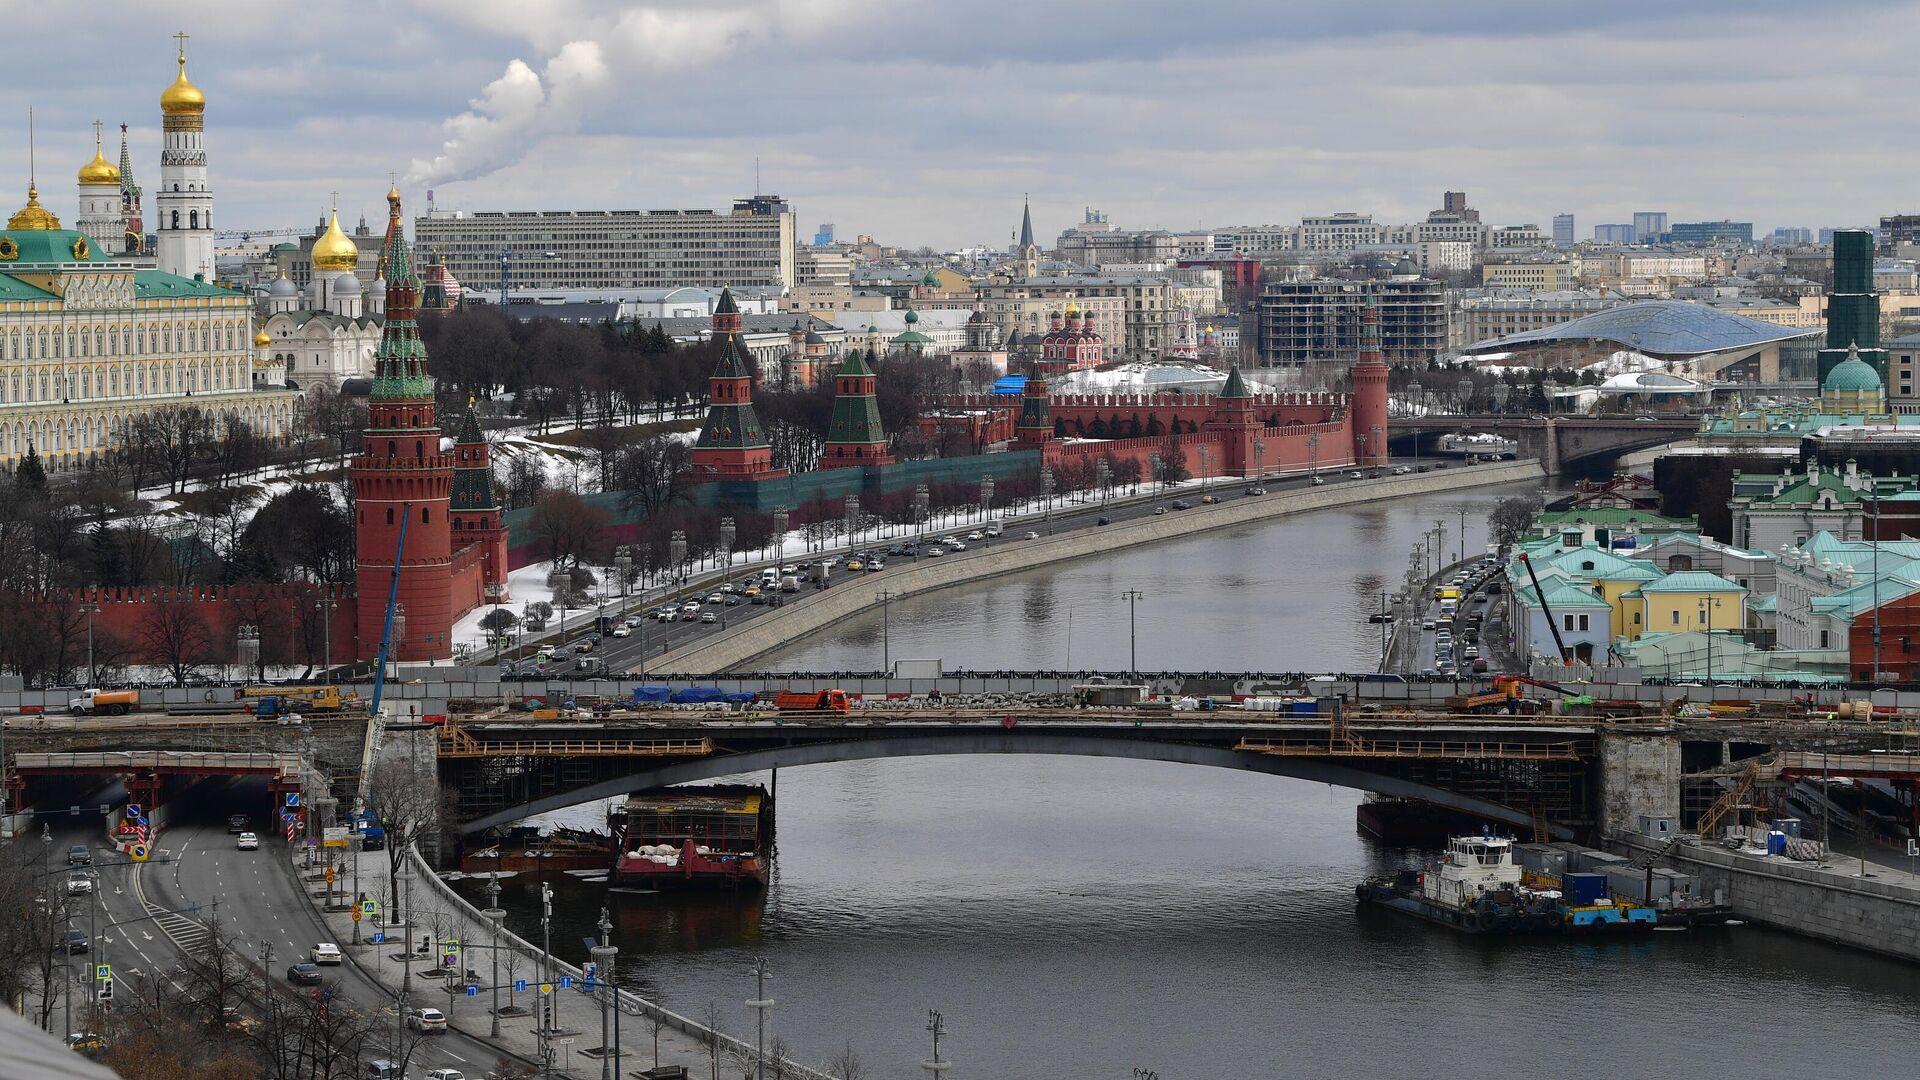 Реконструкция Большого Каменного моста - РИА Новости, 1920, 19.03.2021